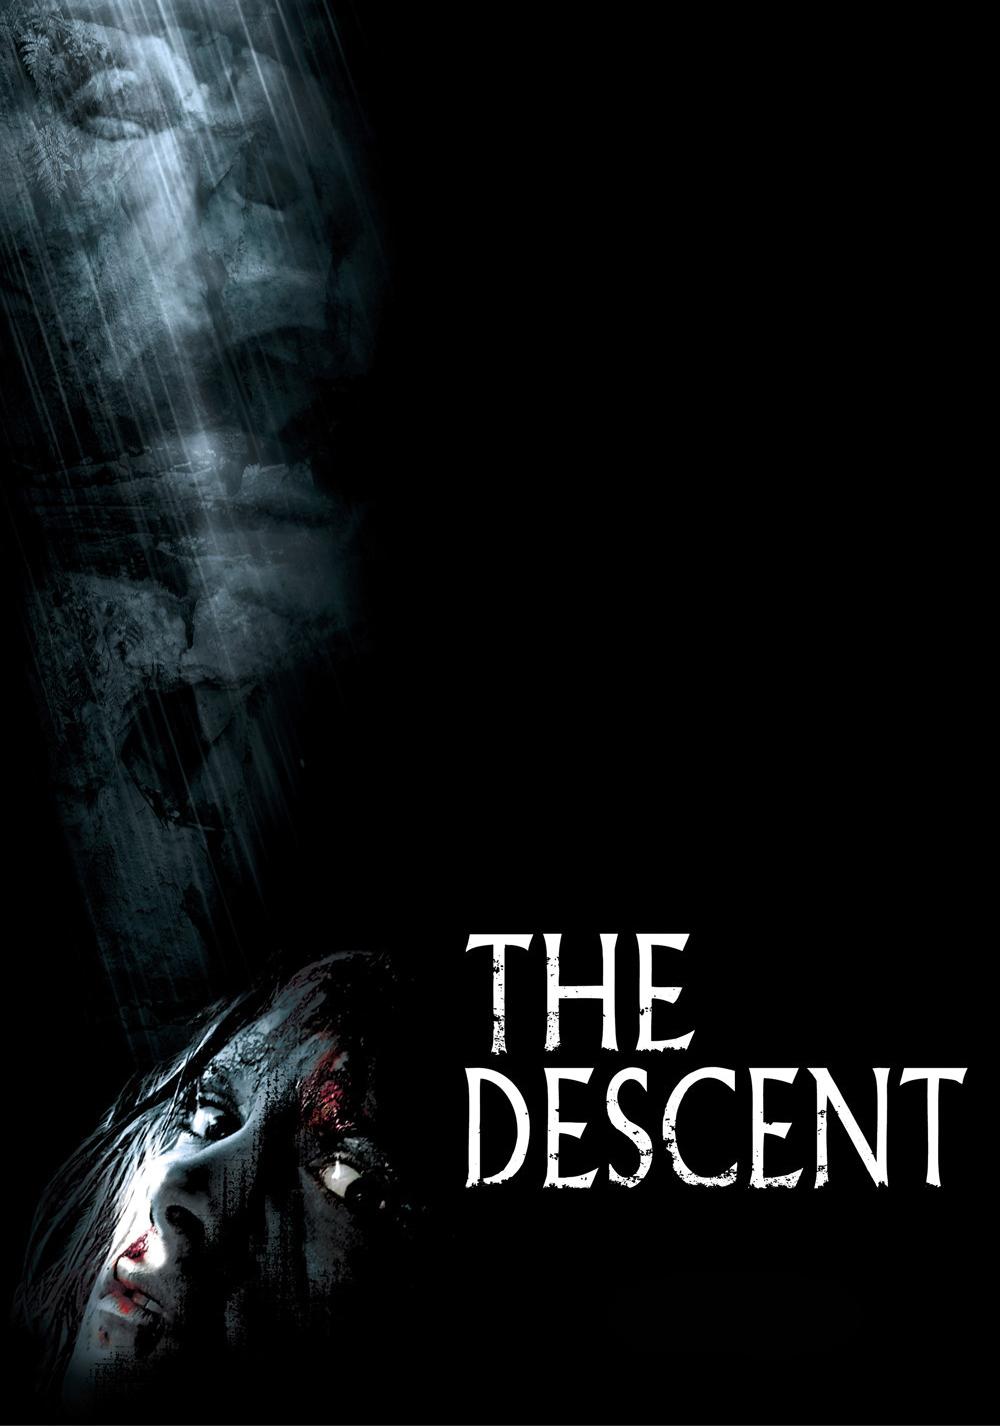 The Descent | Movie fa...